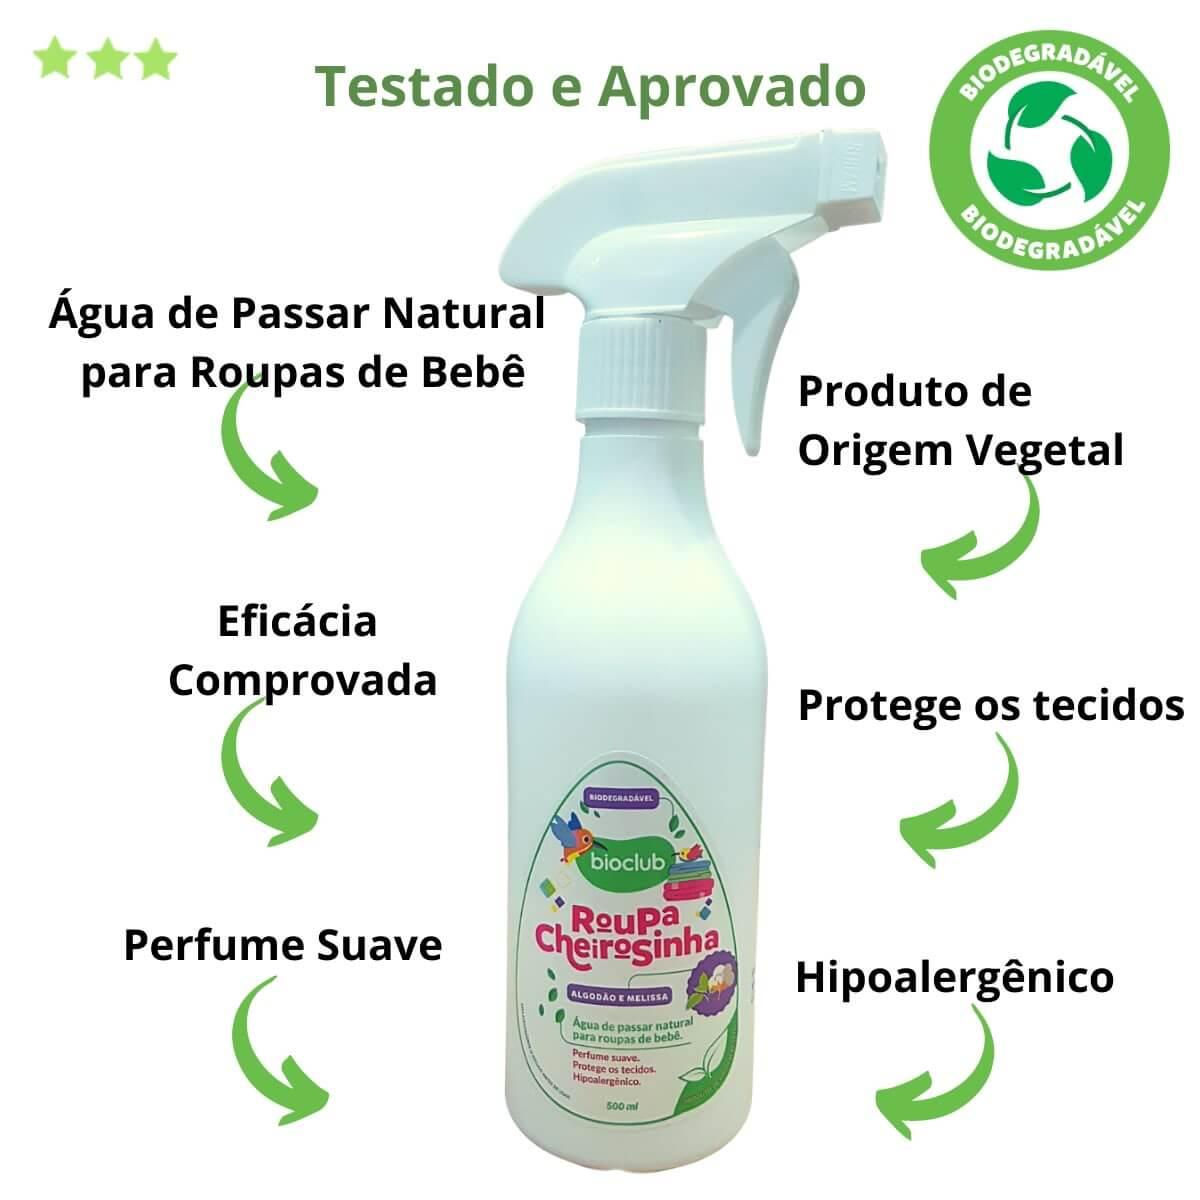 Roupa Cheirosinha Algodão e Melissa Bioclub® 500ml